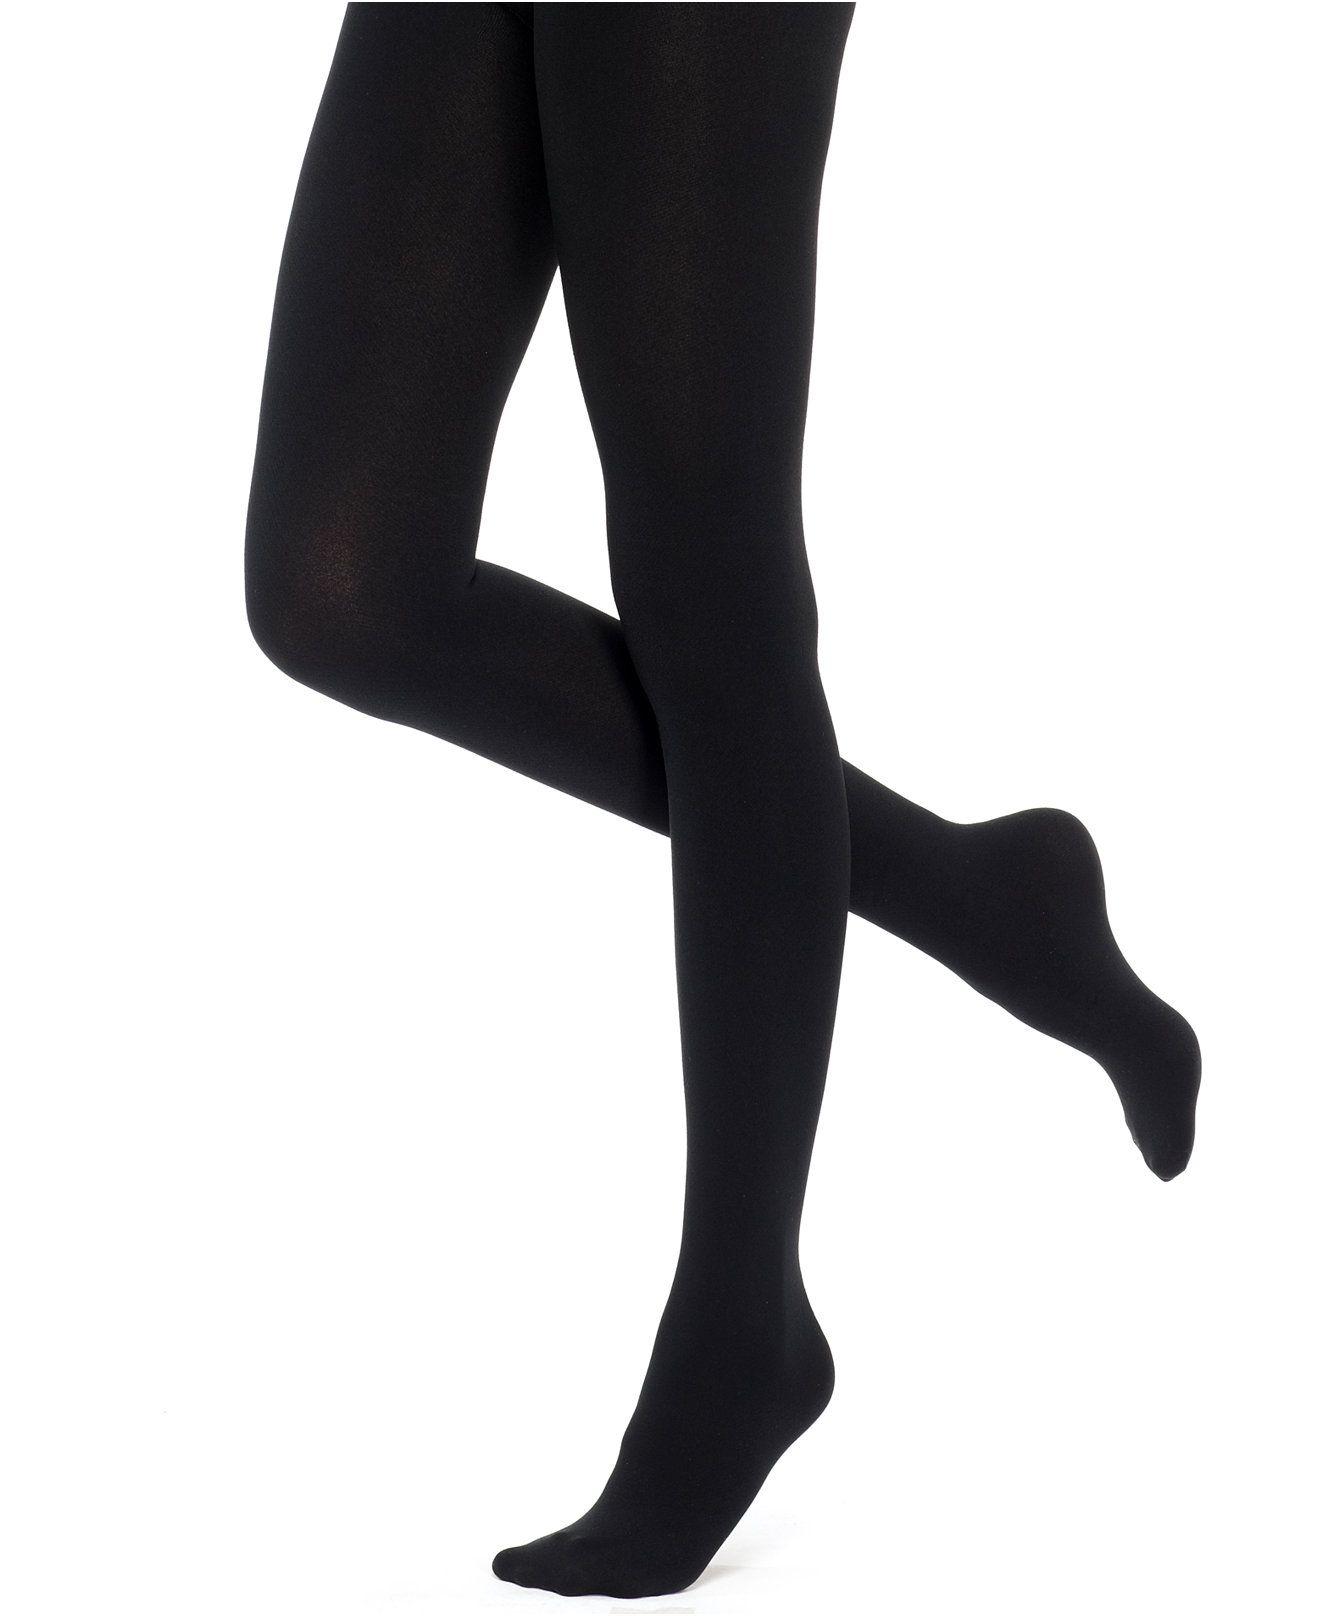 455cdd72ce480 Women's Cozy Hose Fleece Tights 4755 | Clothes! | Fleece tights ...